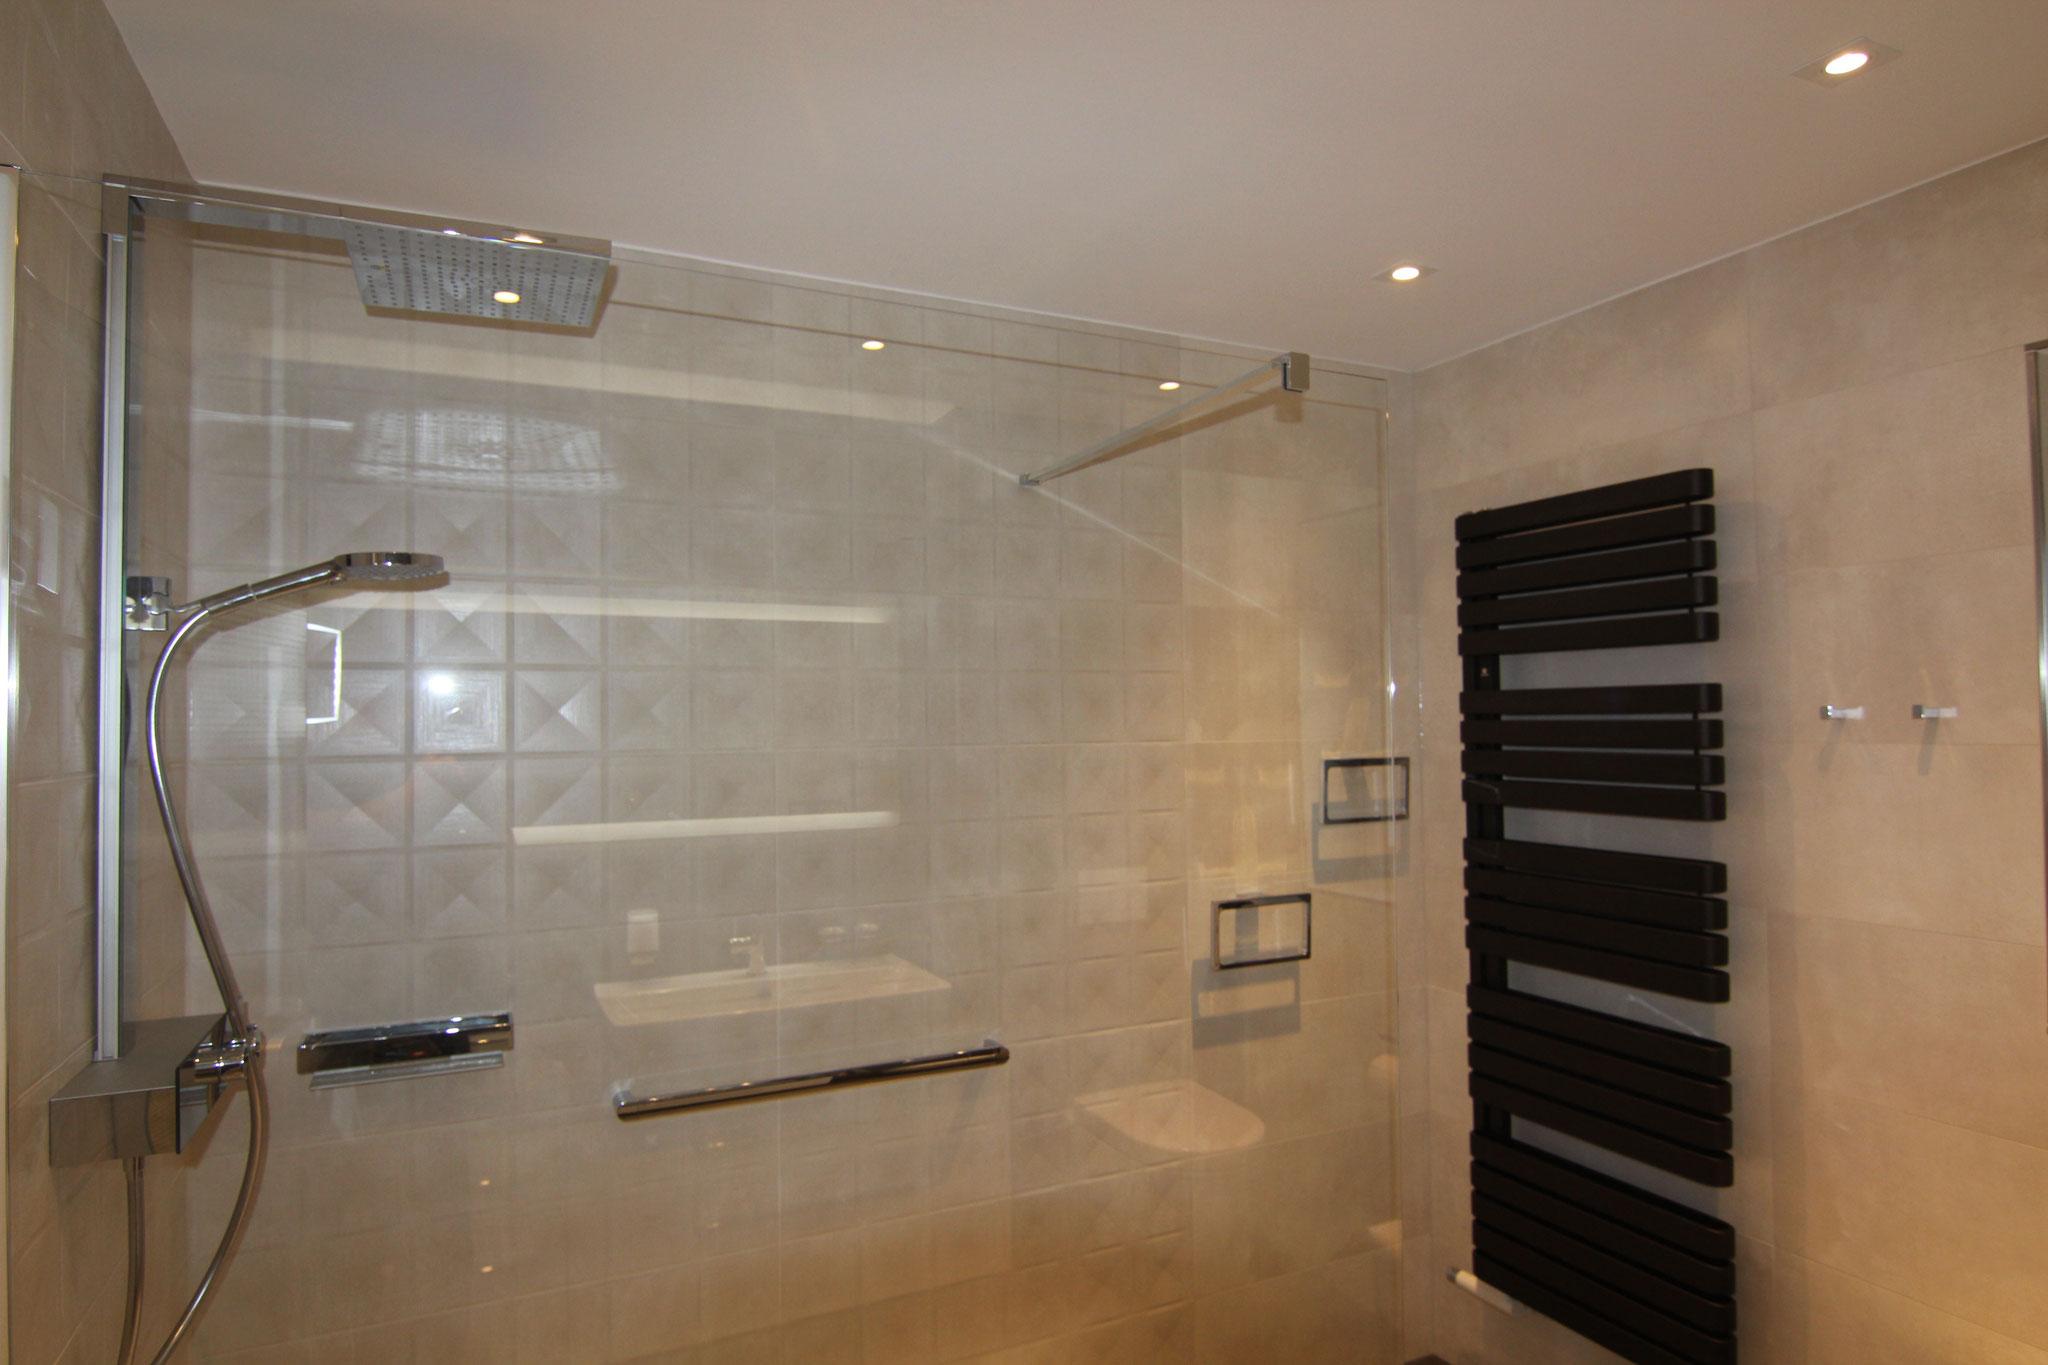 Ohne Badewanne zugunsten einer sehr grossen und seniorengerechten Dusche